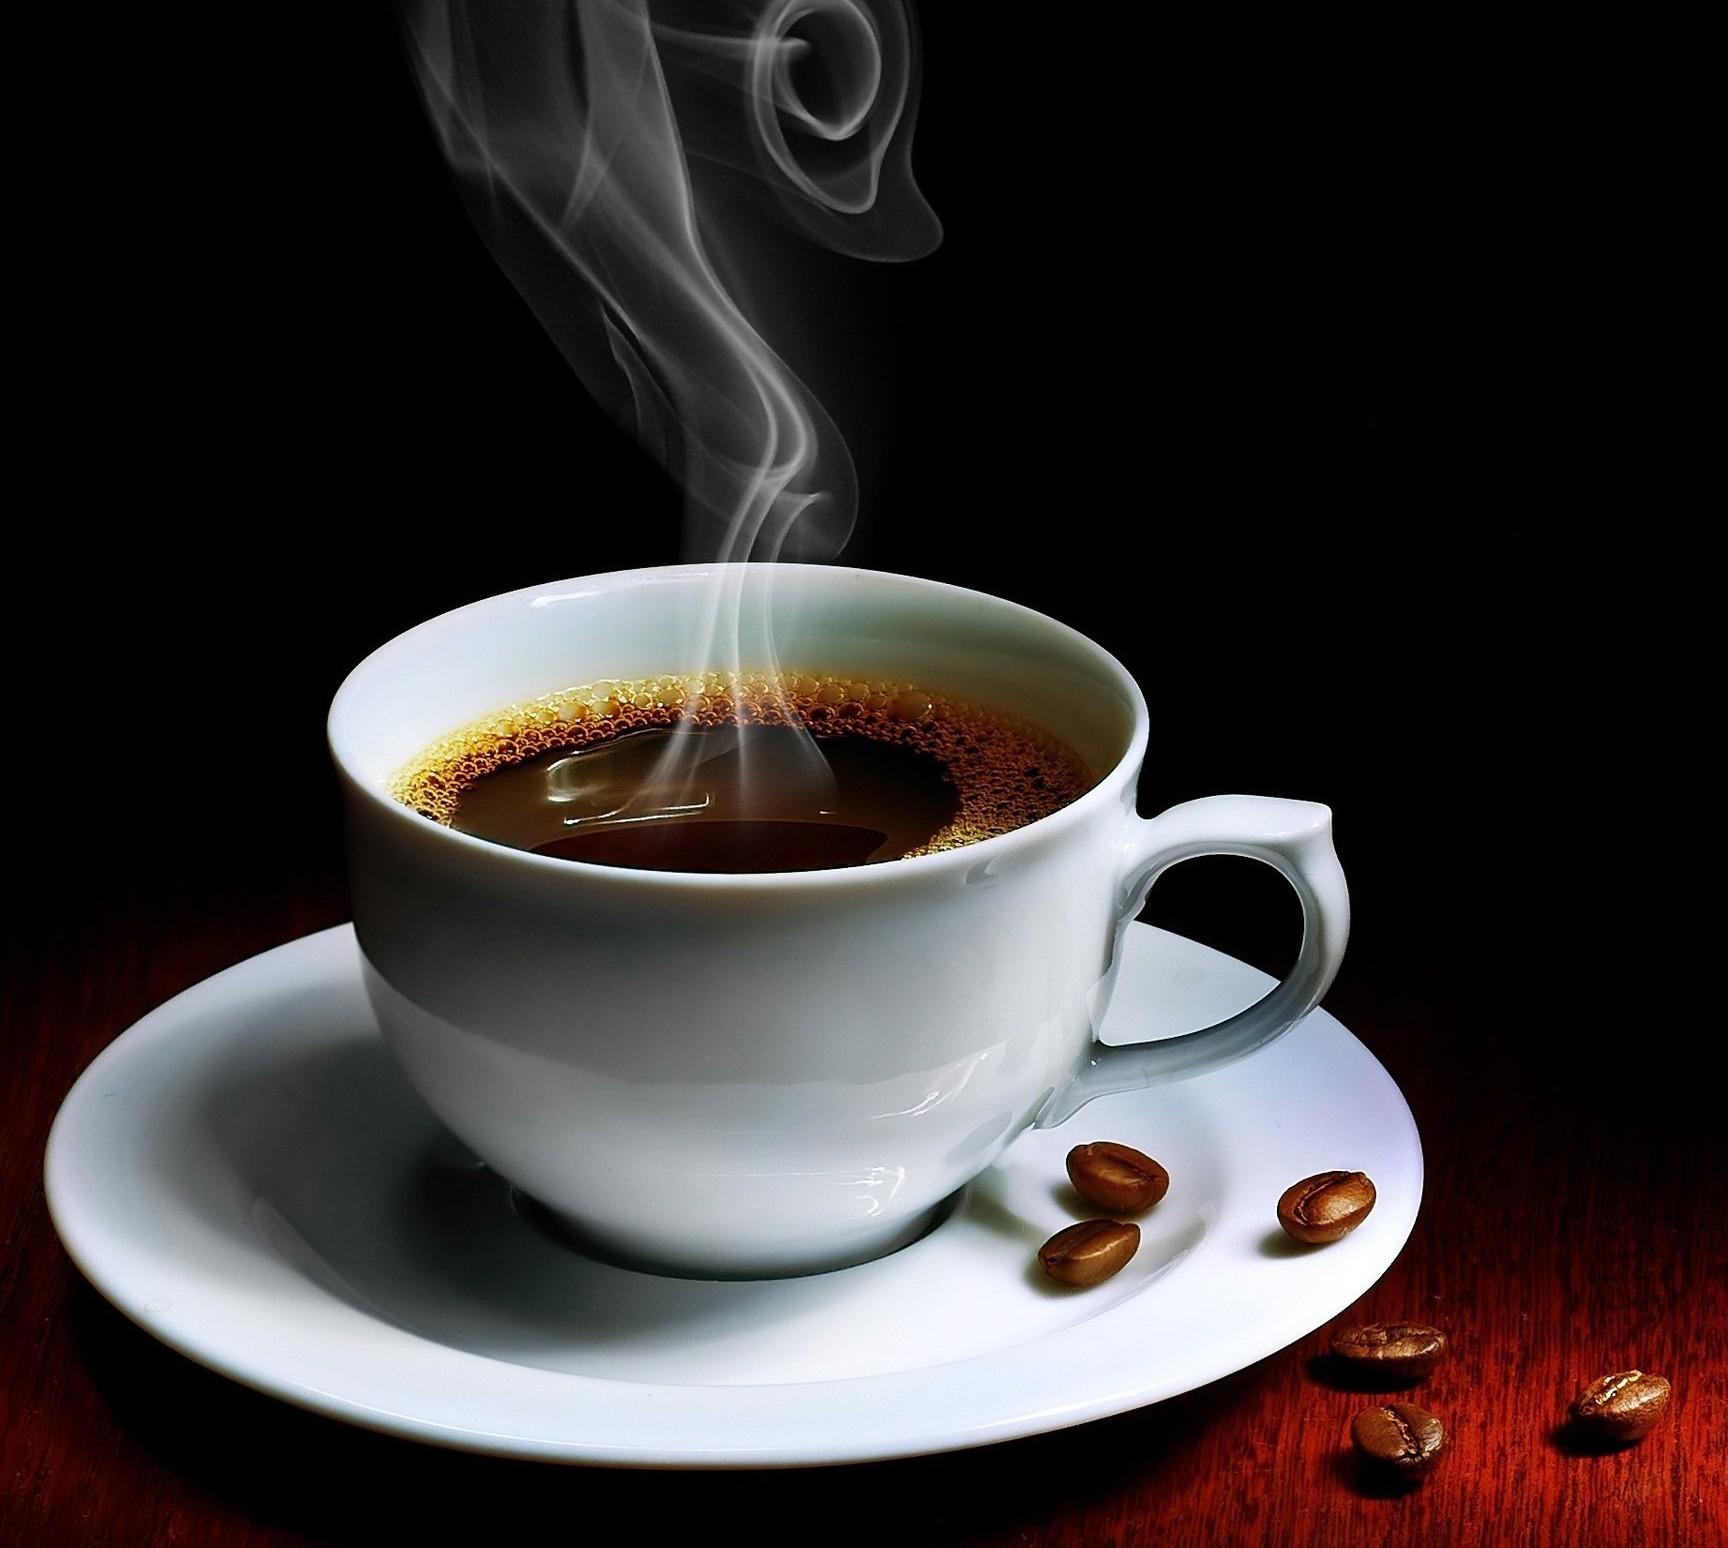 SABATO 16 FEBBRAIO Tazza-di-caff%C3%A8-de-magistris1-e1329218644297